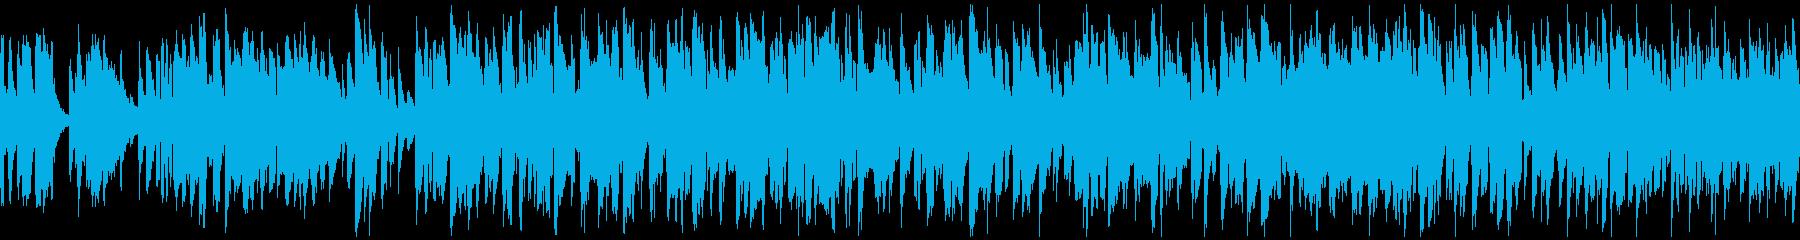 コメディ系のリコーダー曲、脱力※ループ版の再生済みの波形